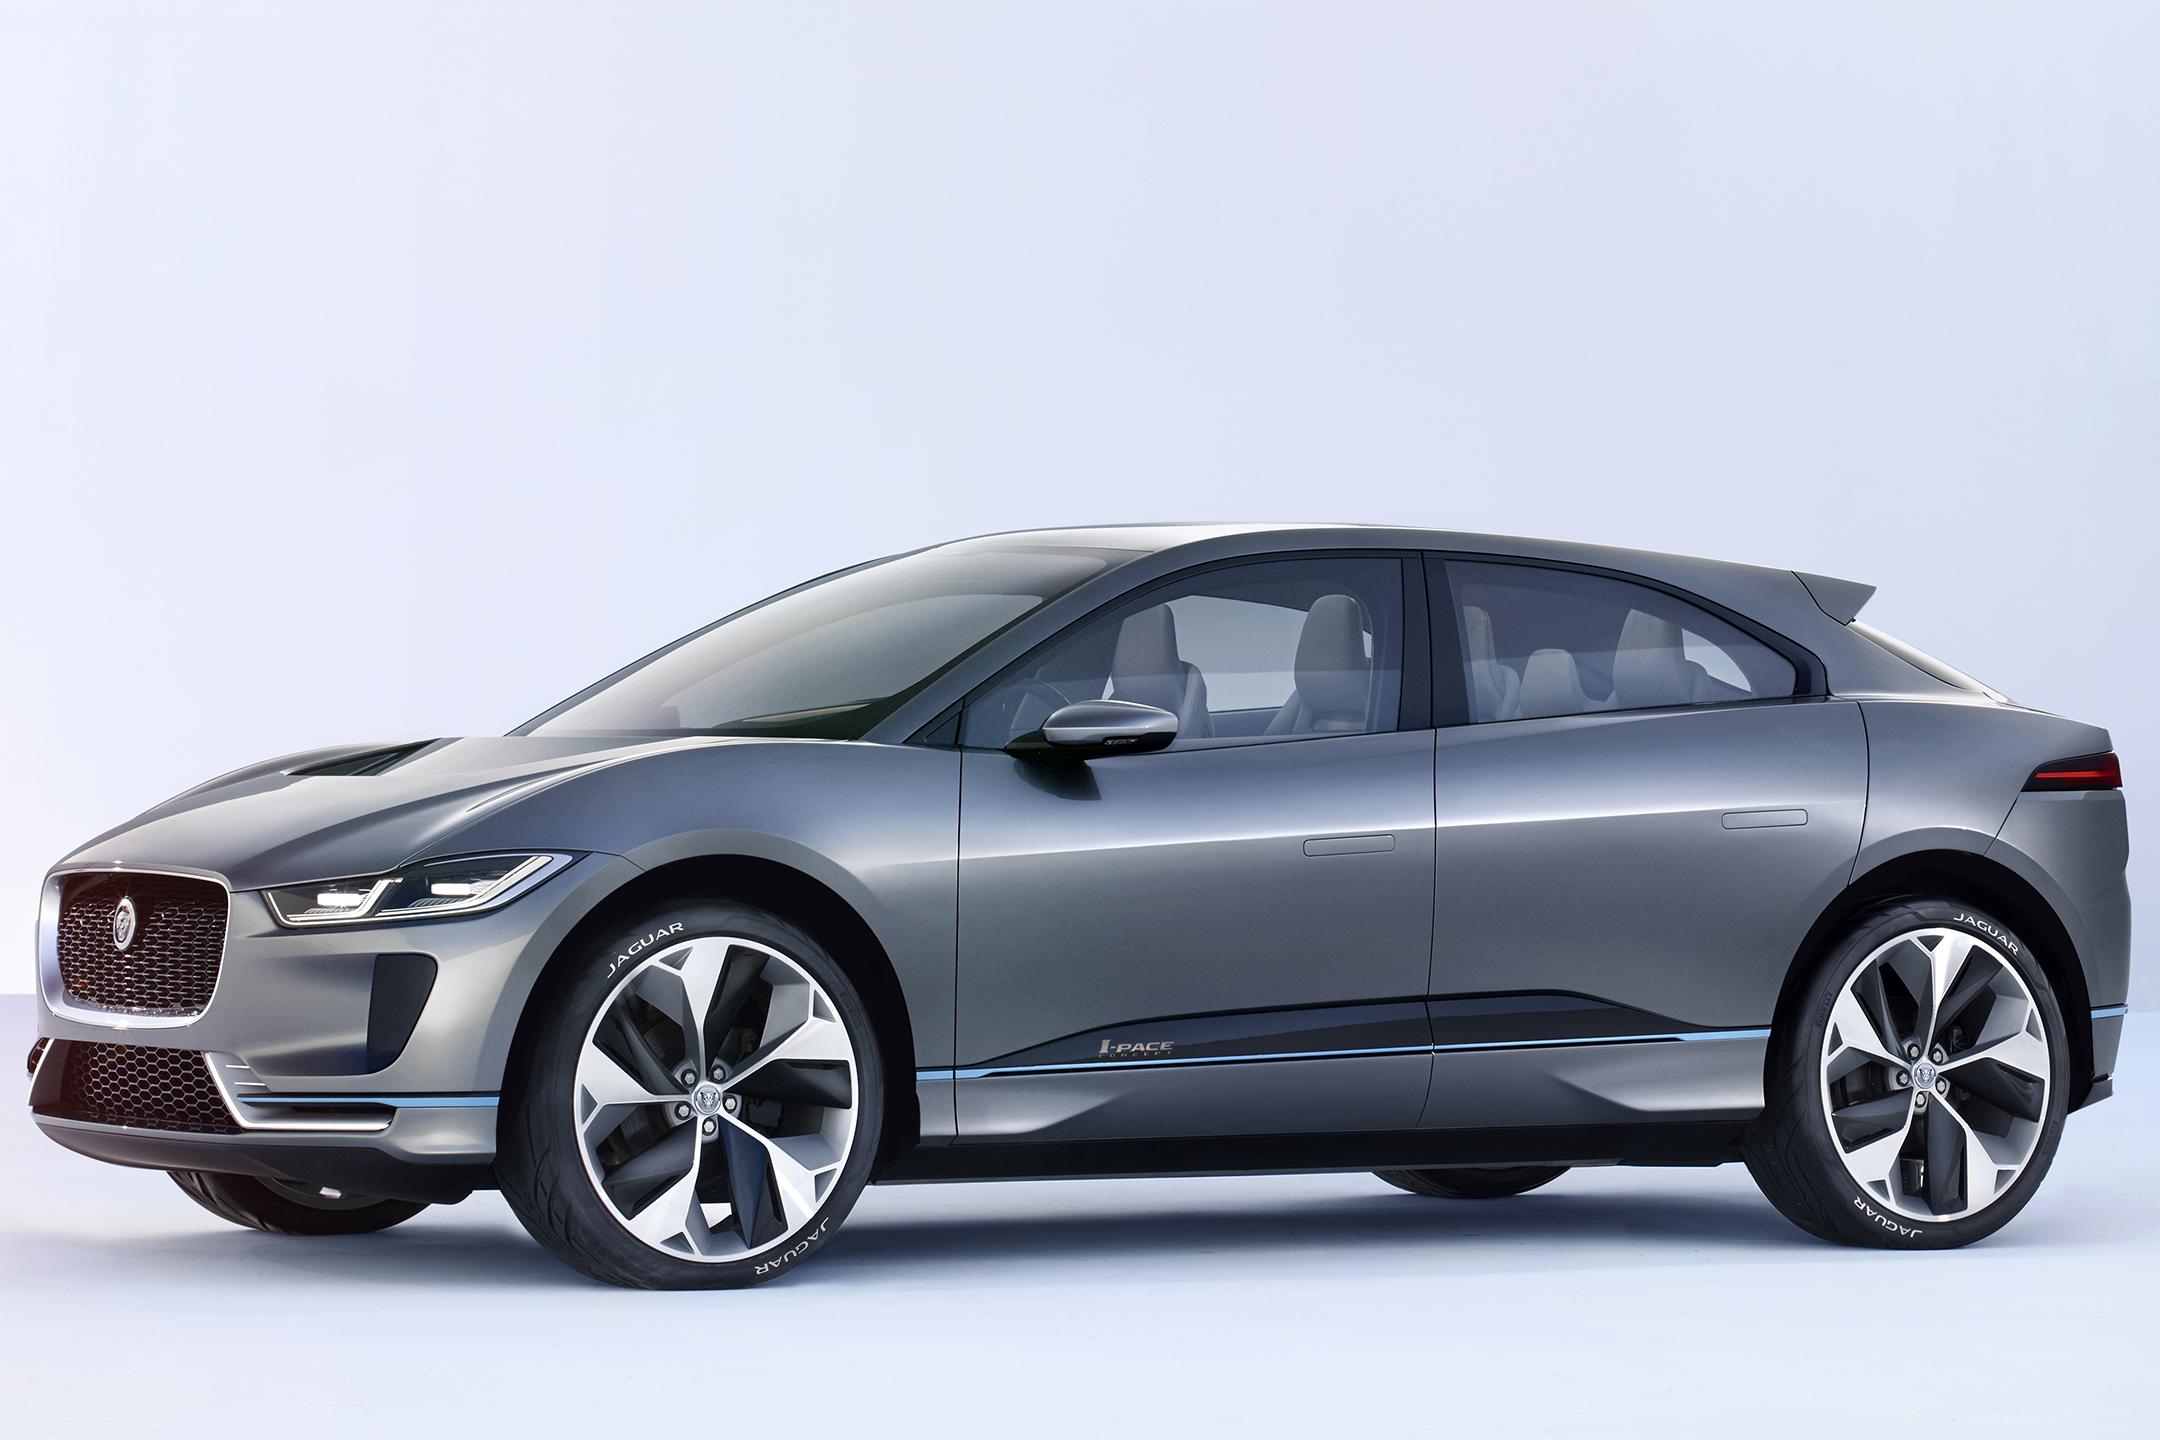 Jaguar I-PACE Concept - 2016 - front side-face / profil avant